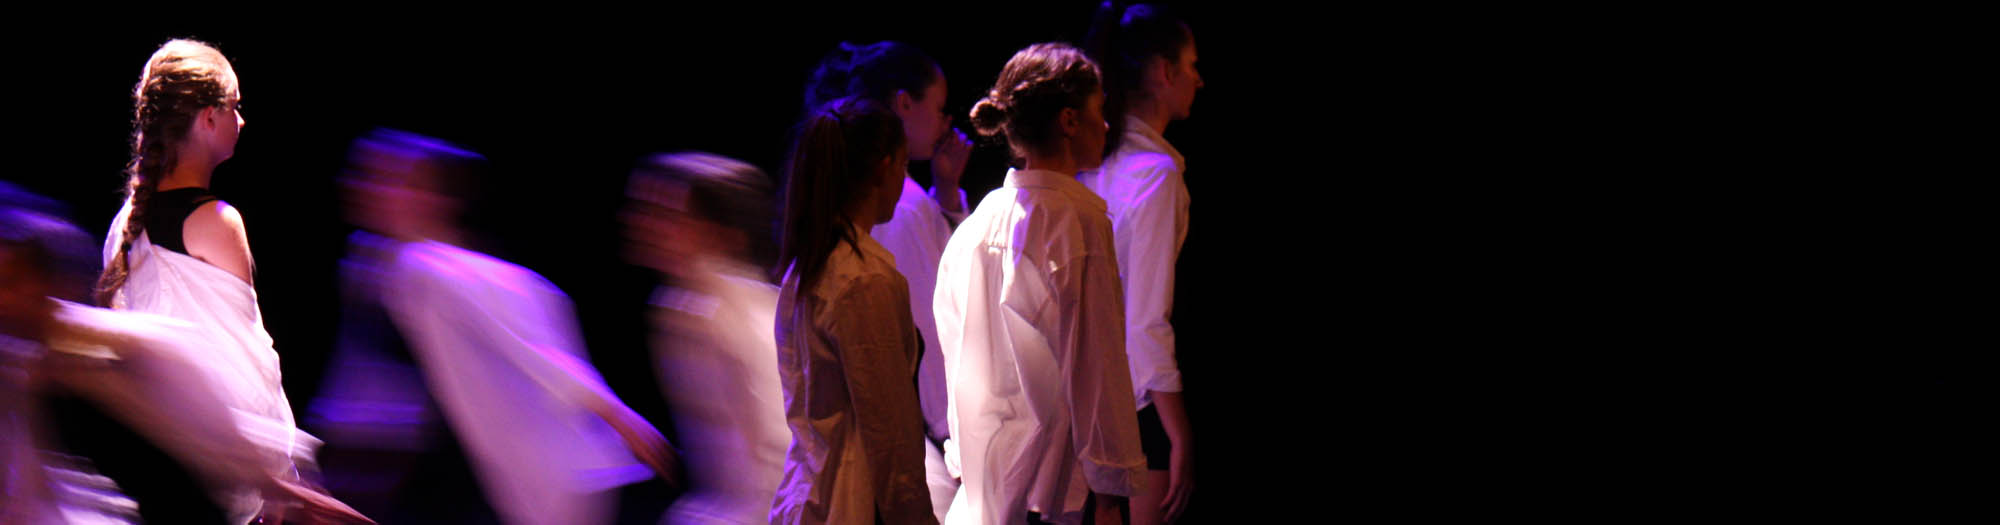 Spectacle de danse contemporaine au CECAP de Lorient